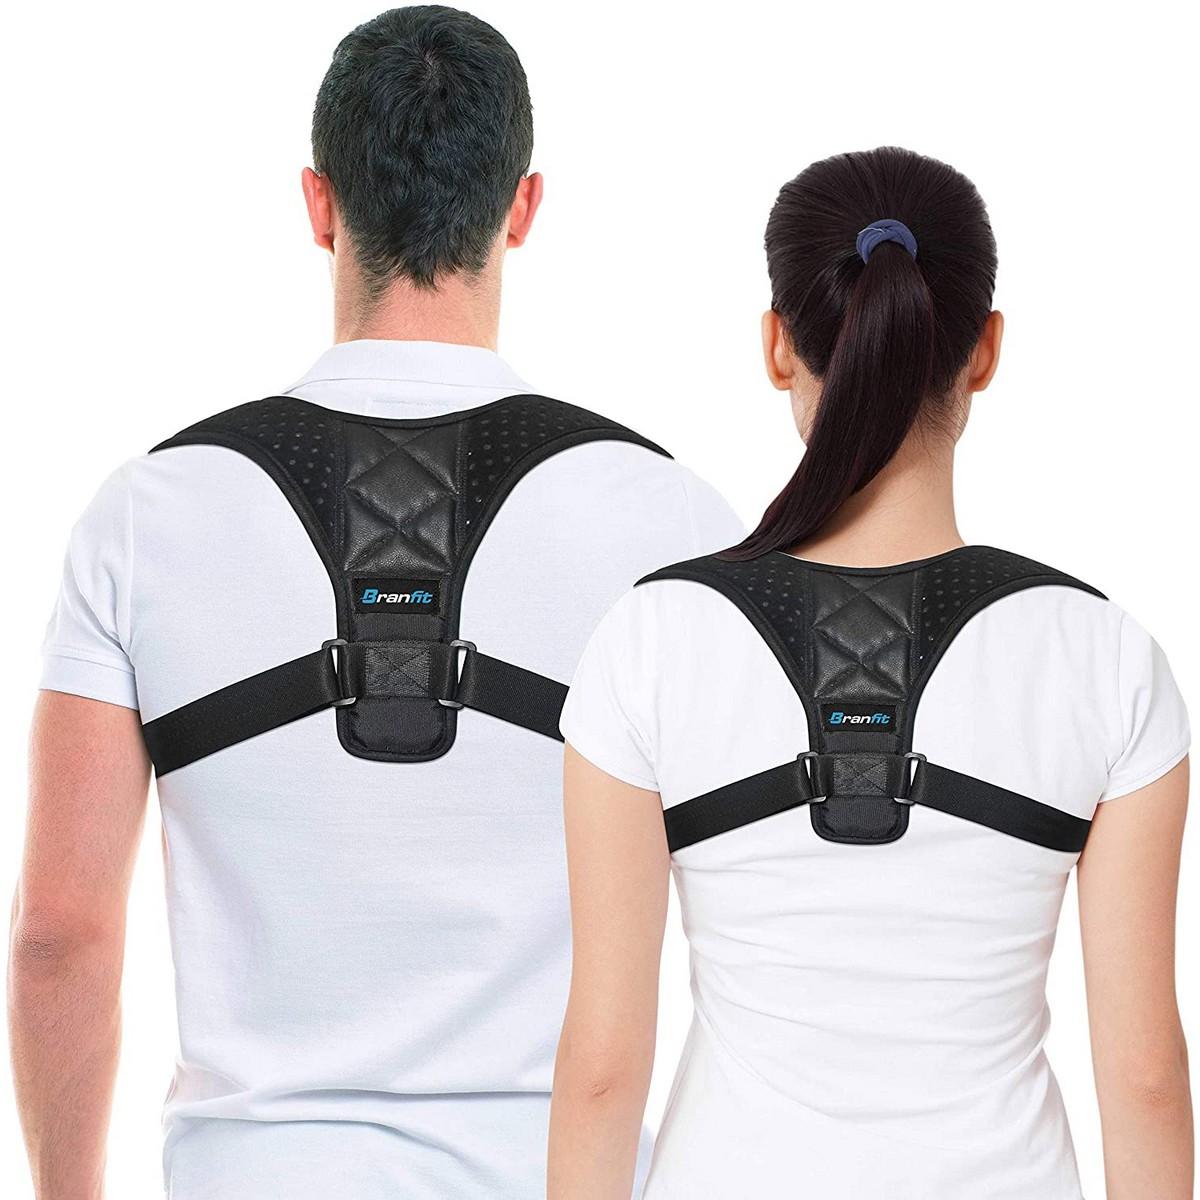 Bin Amna - Posture Corrector Belt Adjustable - Back Pain Relief Shoulder Back Support Belt Adjustable Body Posture Corrector for men and women - Back Support Brace